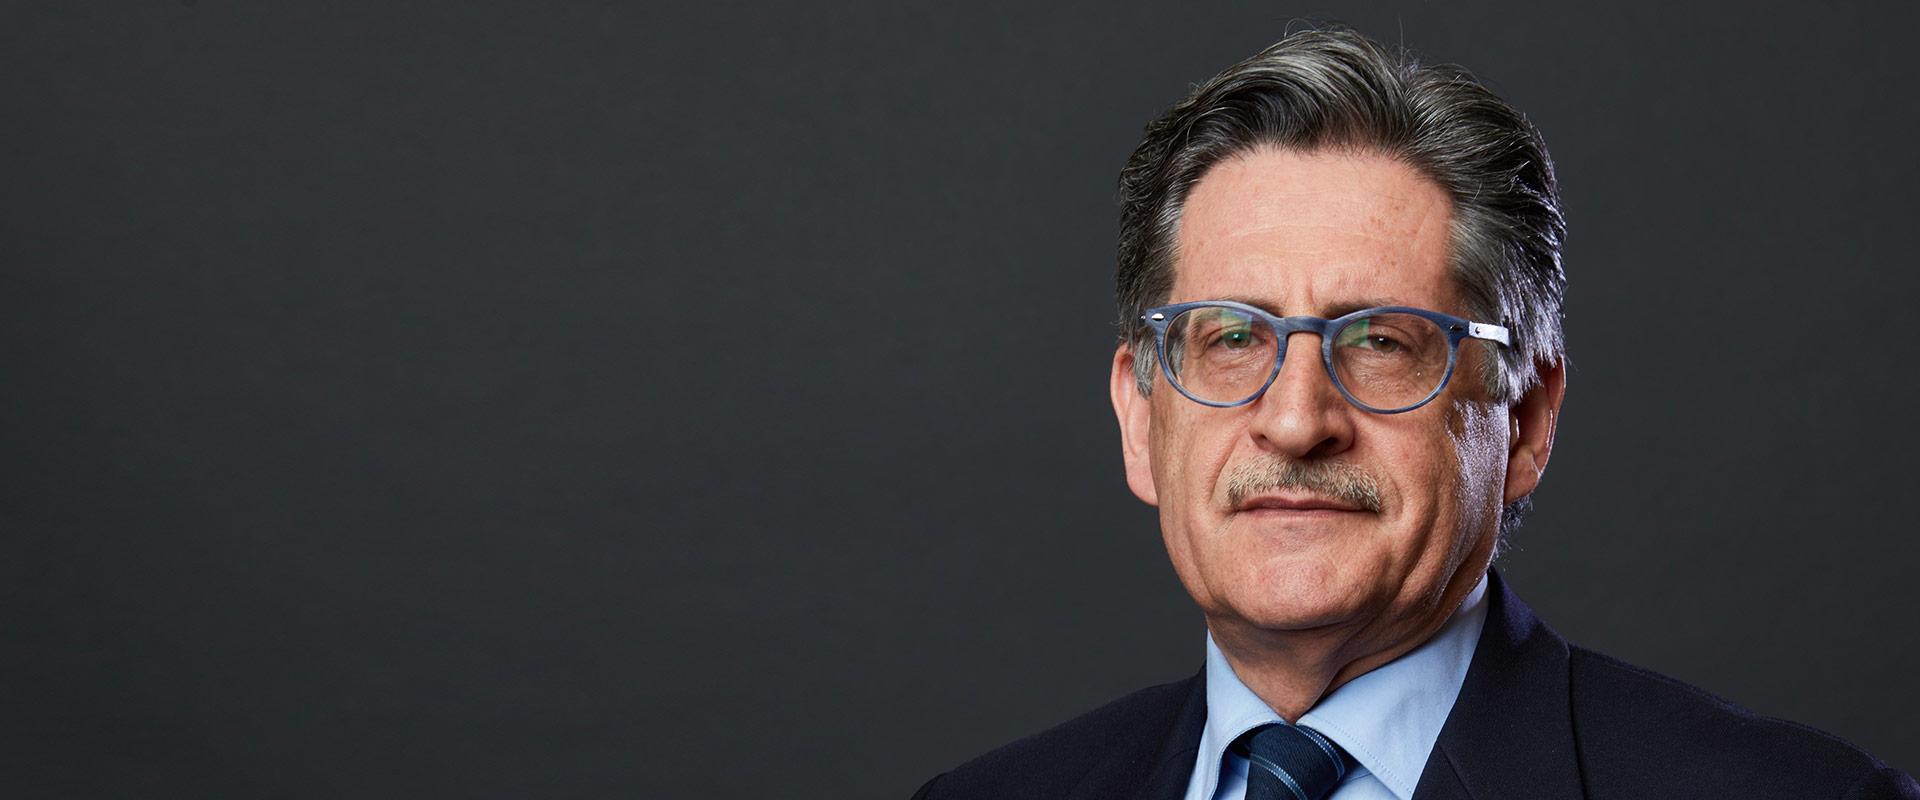 Mazzarella Giuseppe